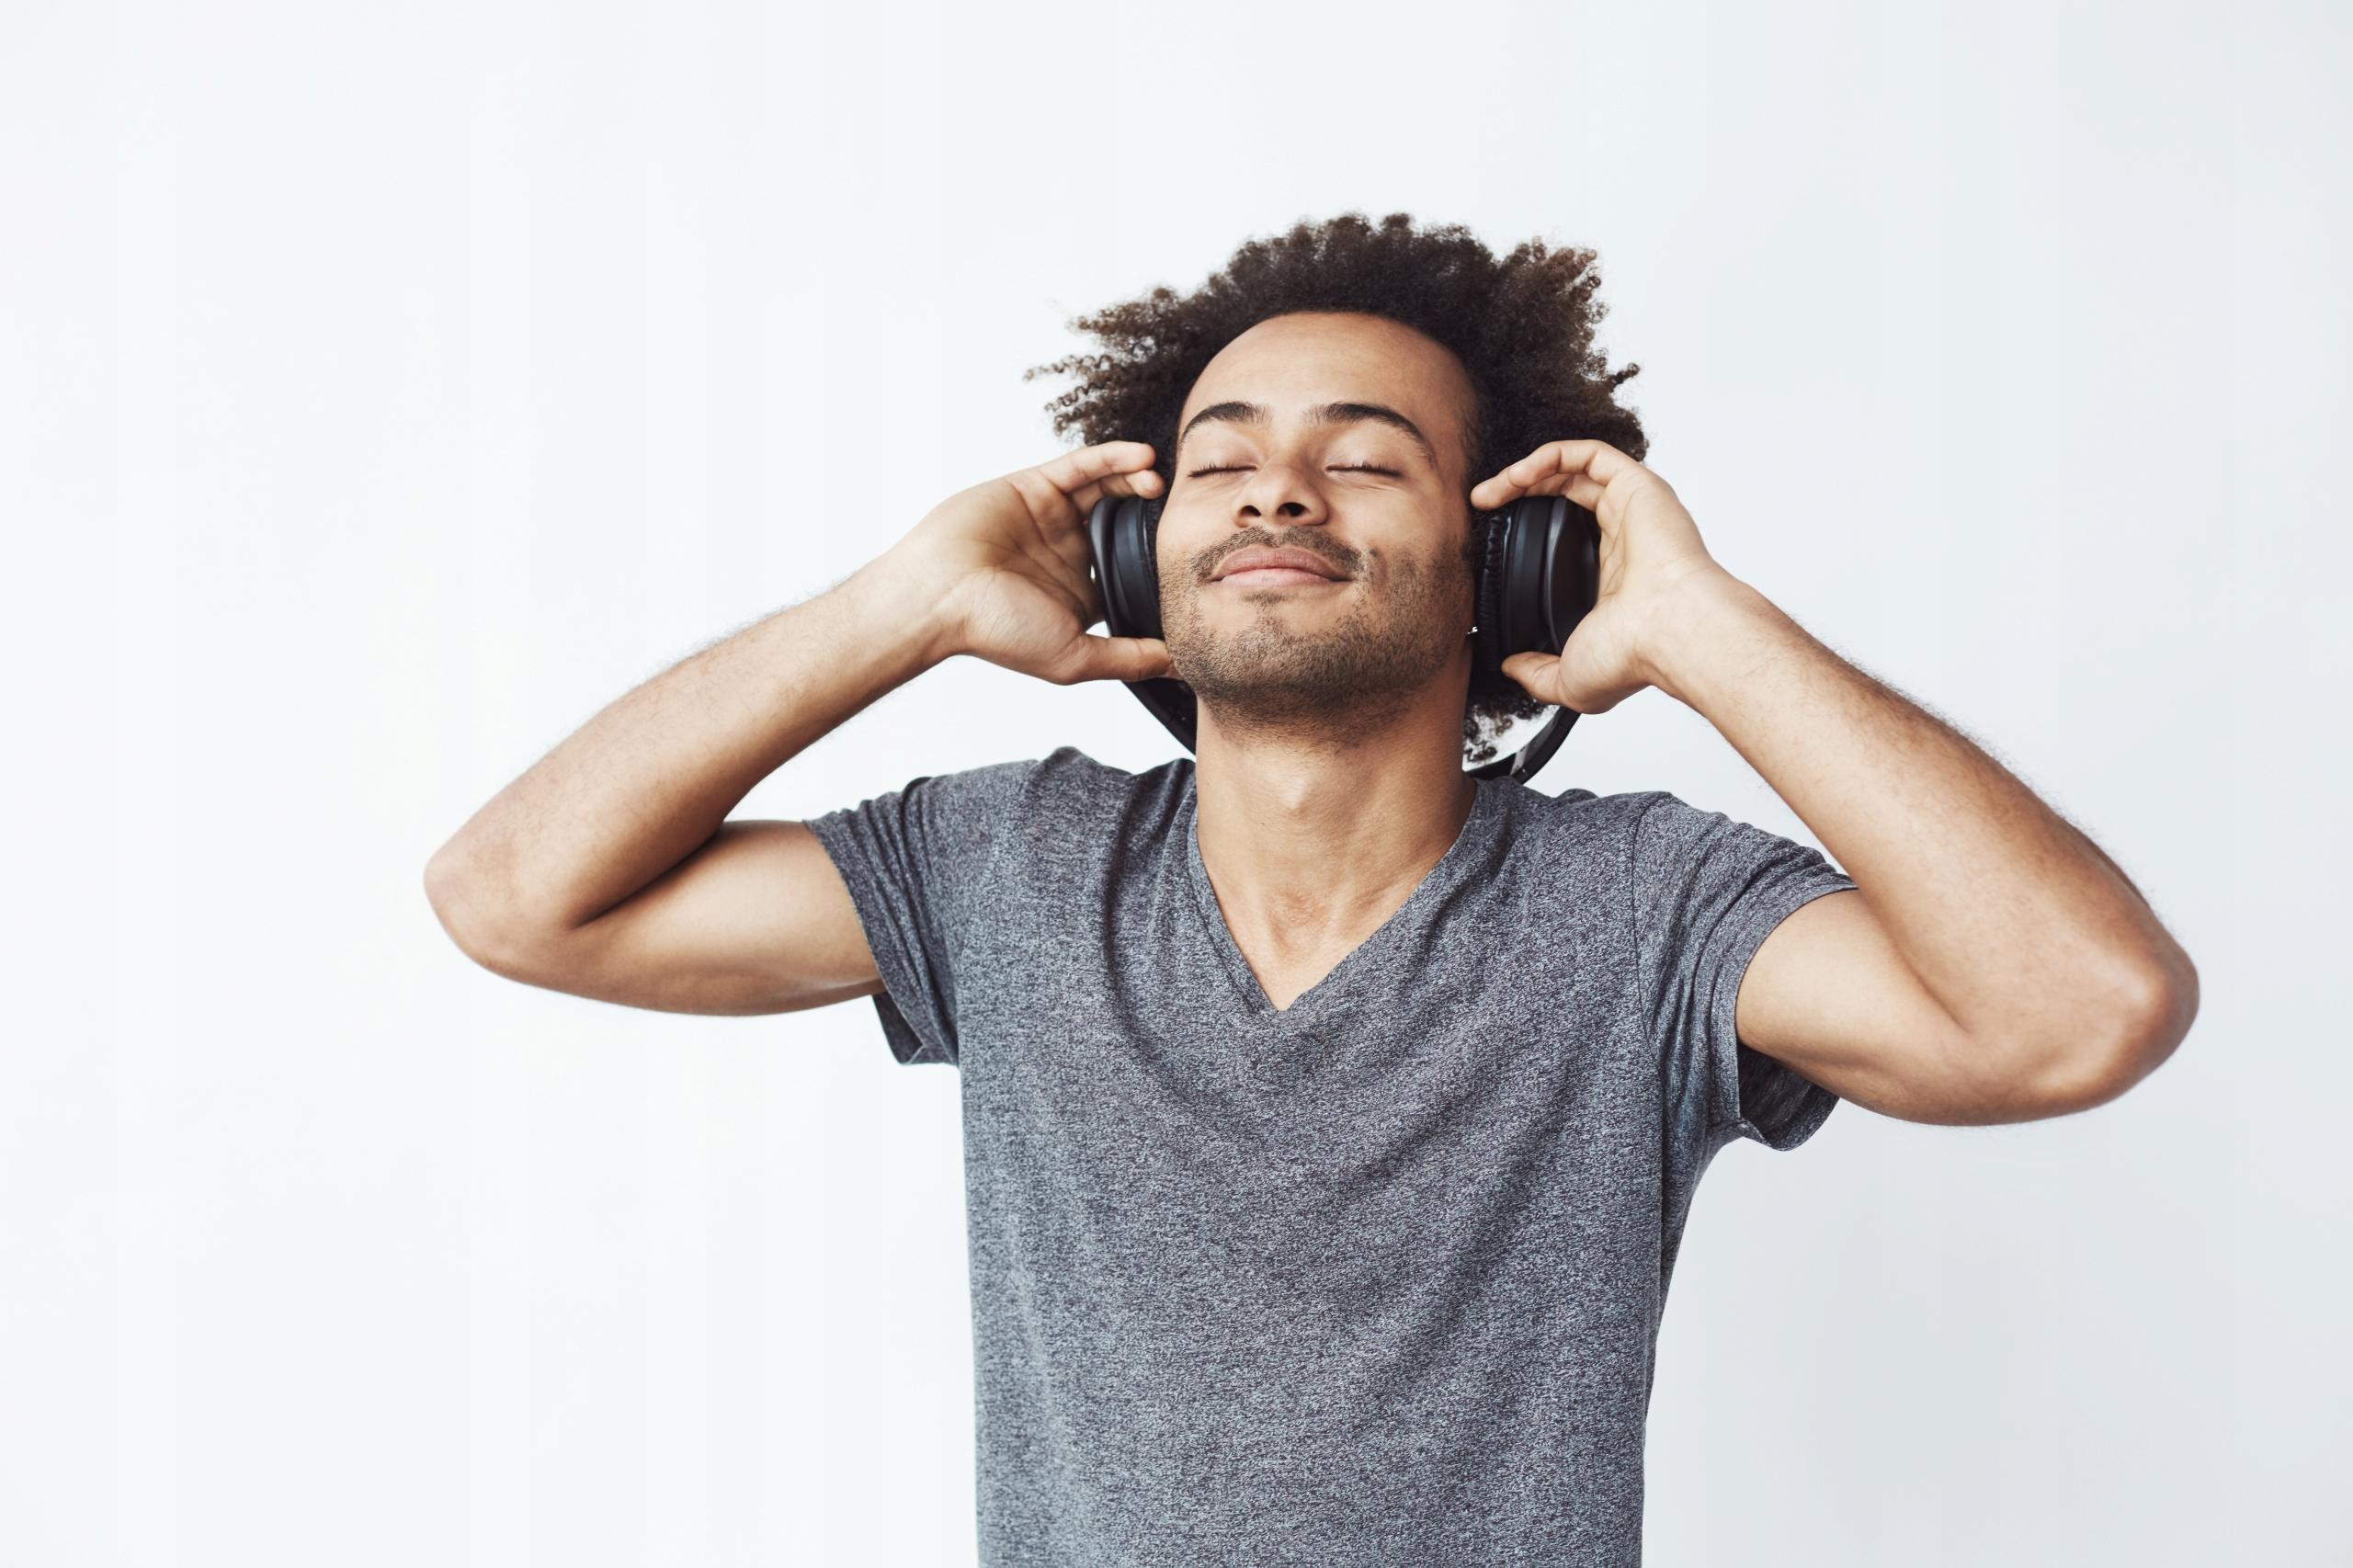 Sluchátka Bezdrátový mikrofon Bluetooth FM MP3 Další funkce Verze Bluetooth 5.0 Impedance 320 Ohm FM rádio Slot pro kartu Micro SD